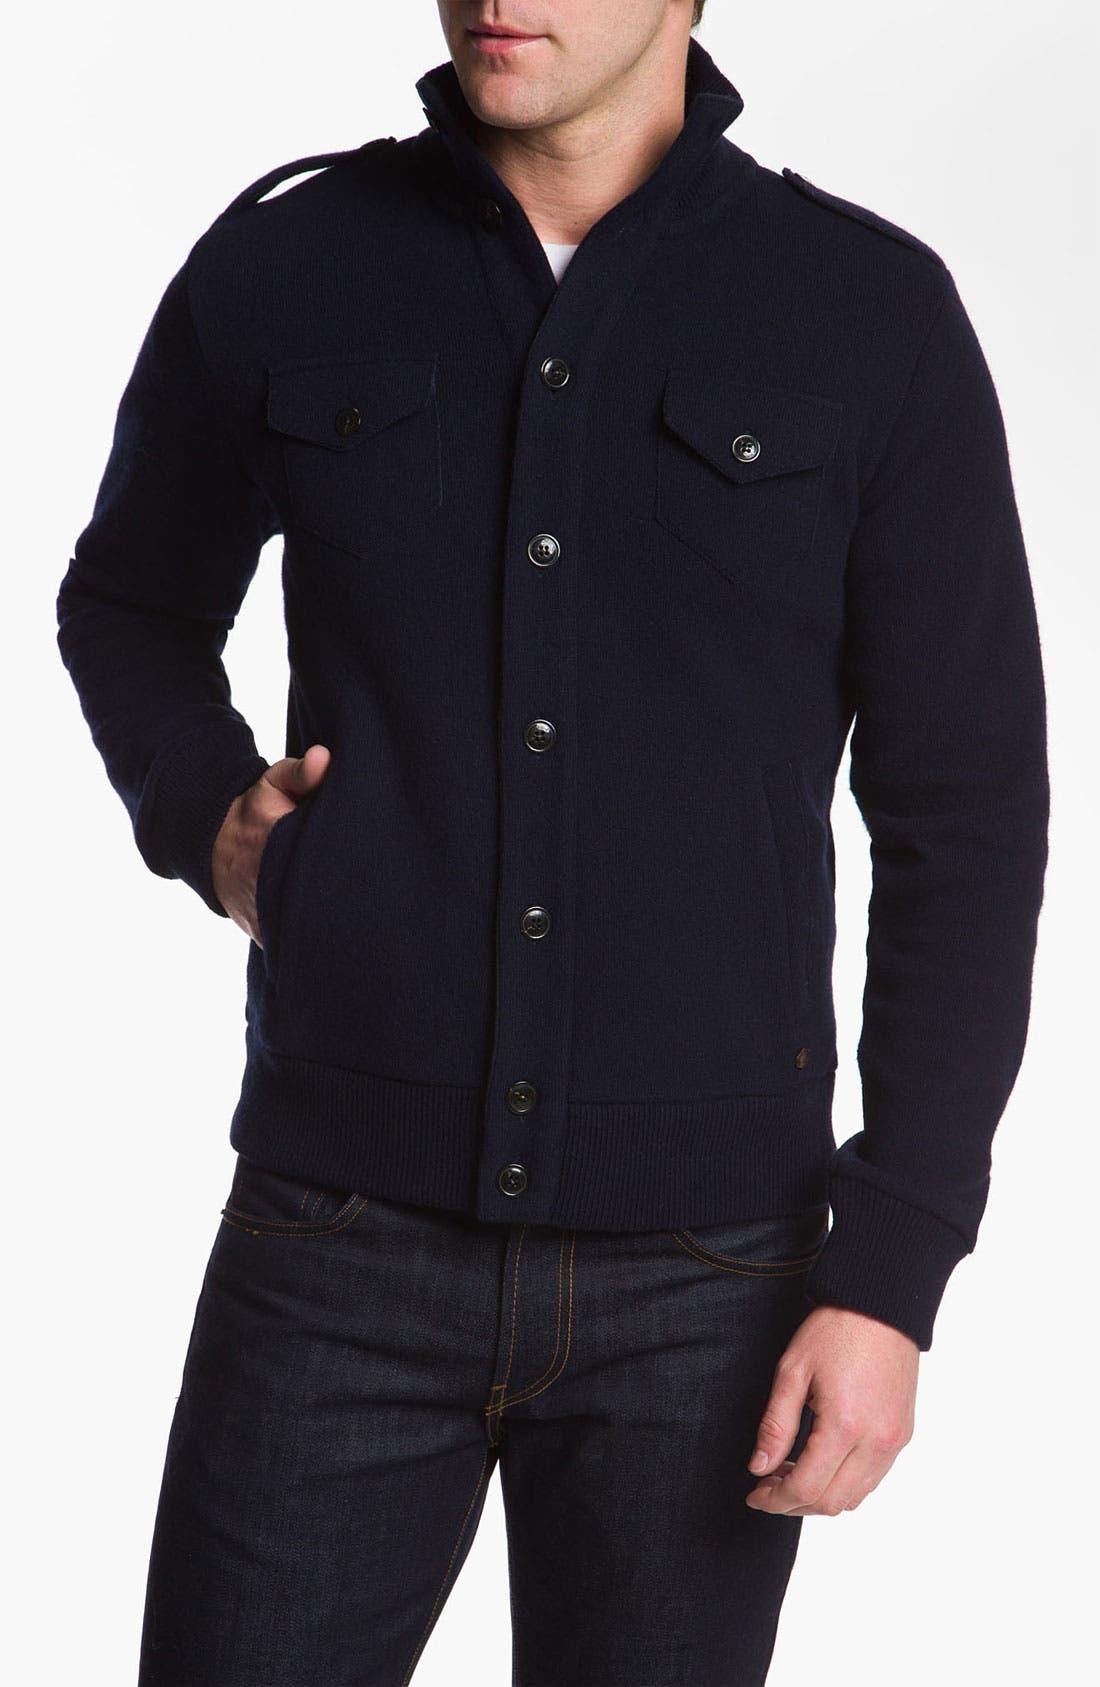 Main Image - Woolrich John Rich Wool Blend Button Cardigan